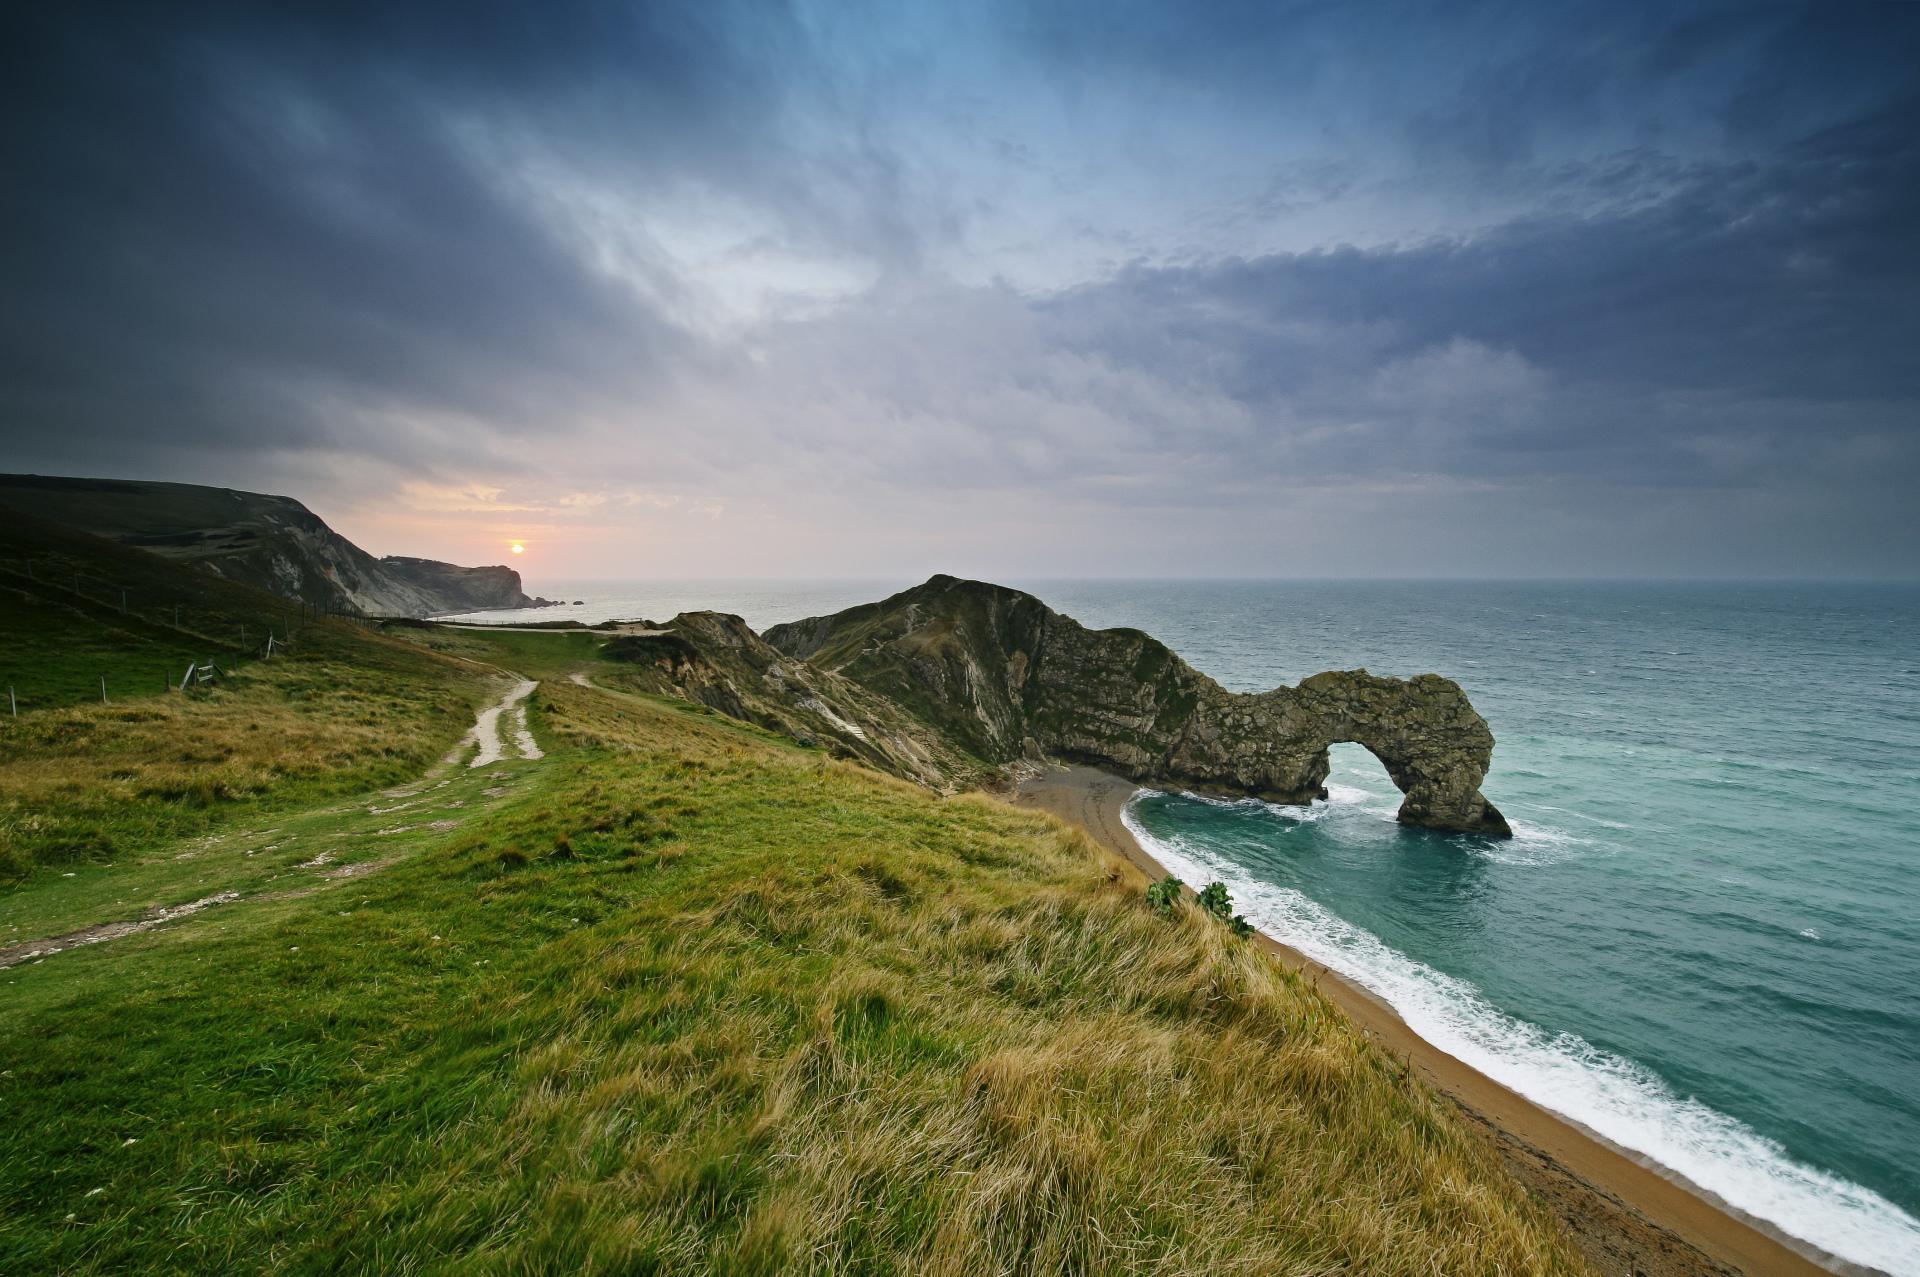 Скала с аркой в море без смс